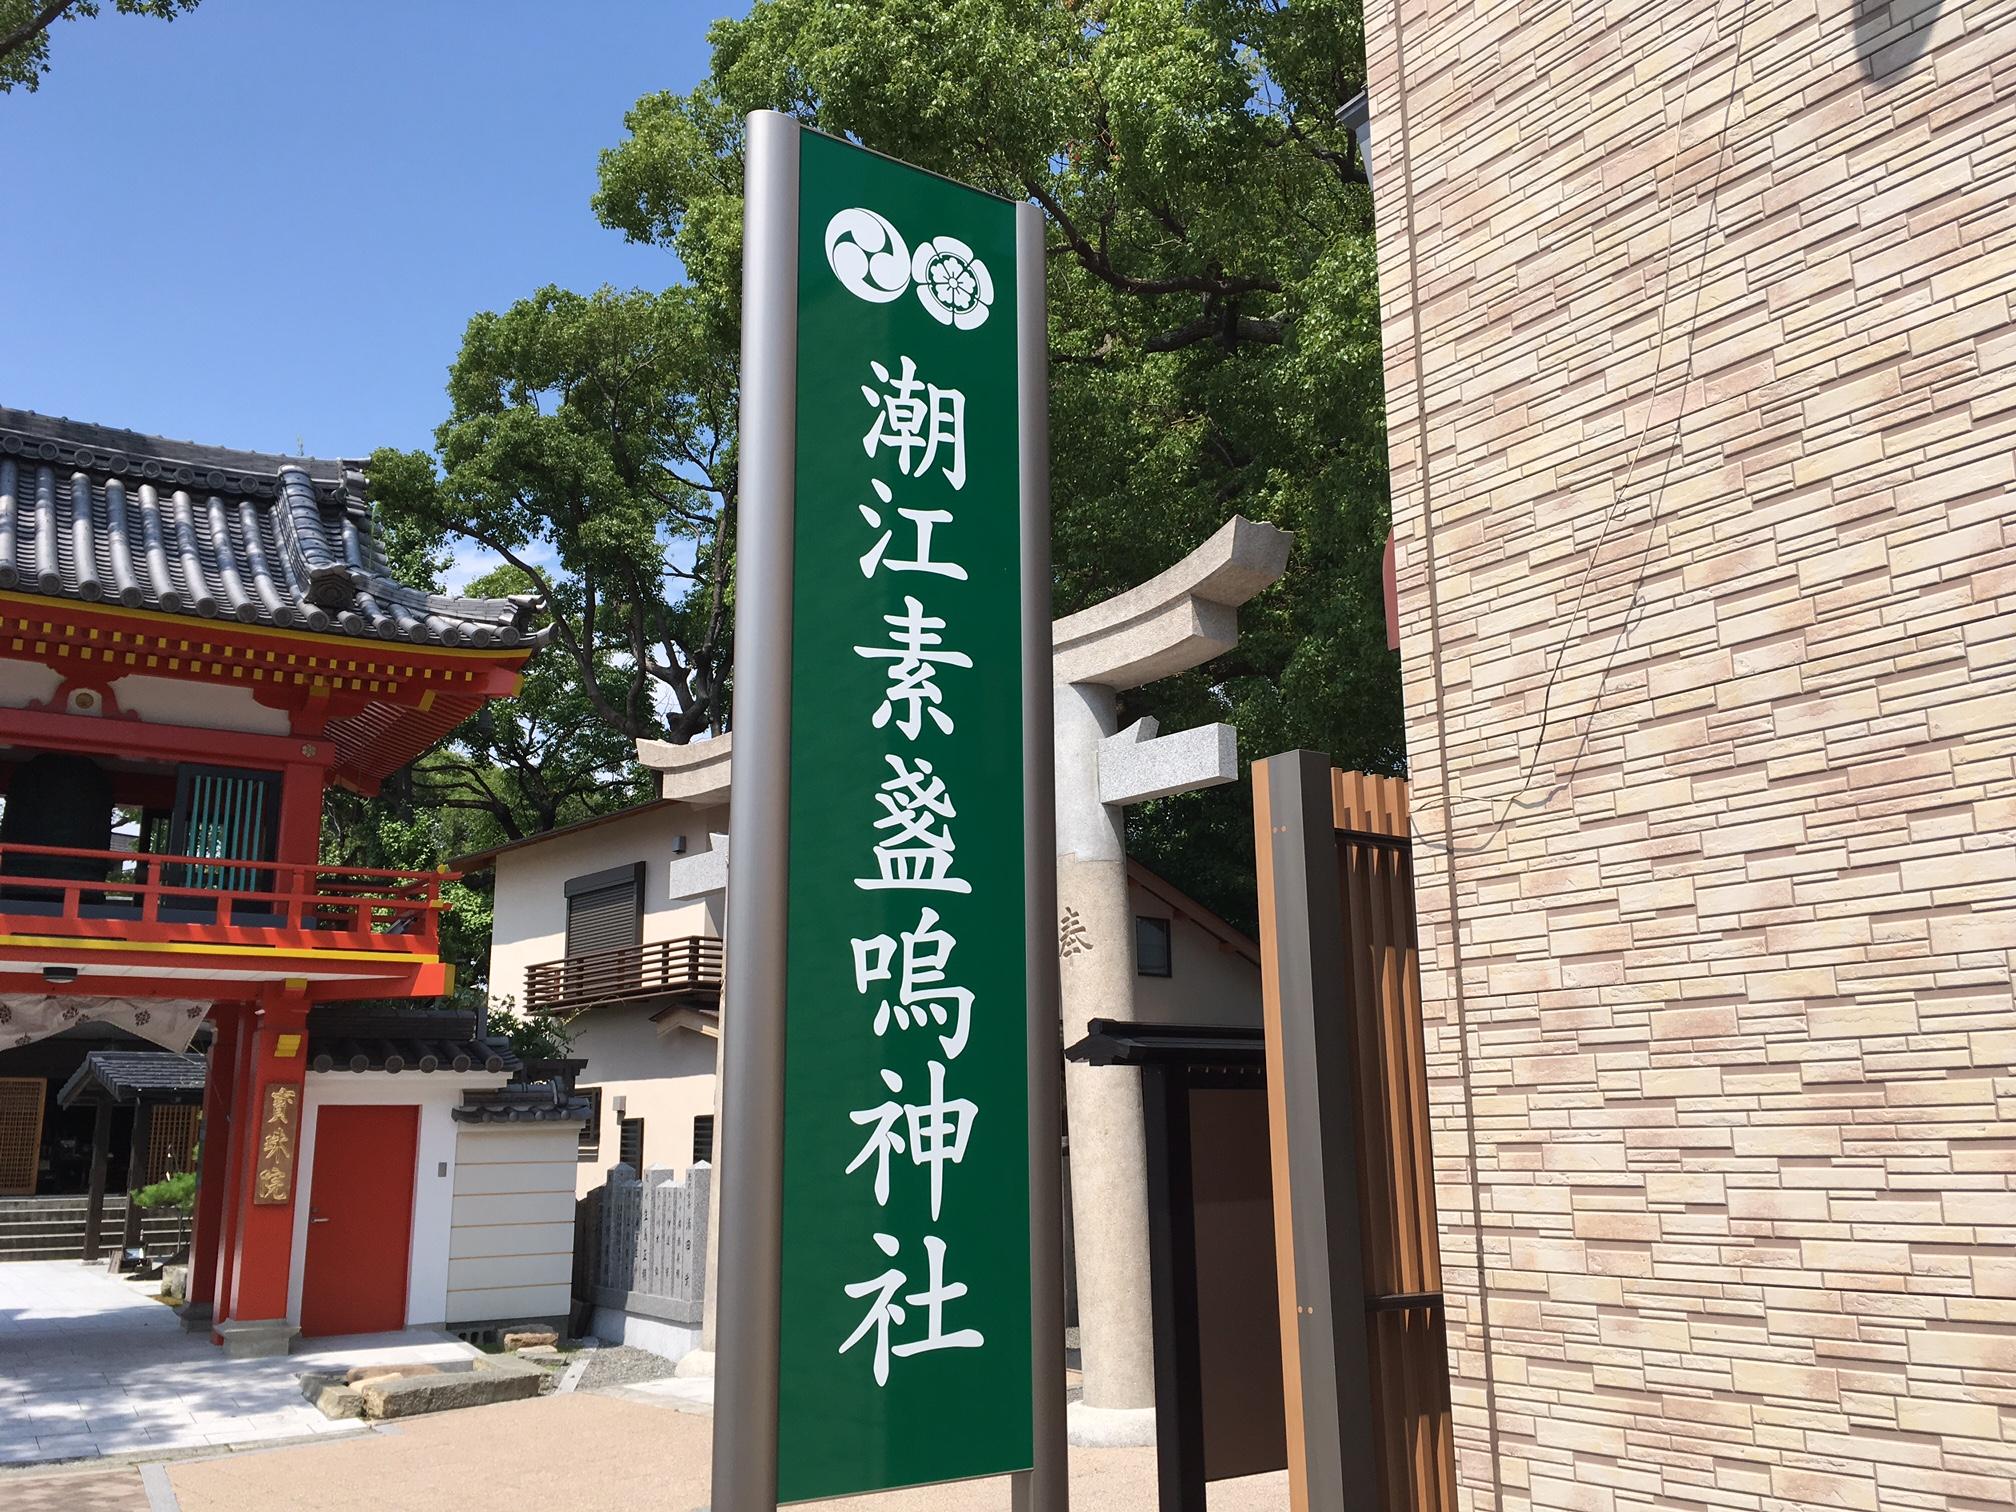 潮江素戔嗚神社 (尼崎市 潮江)